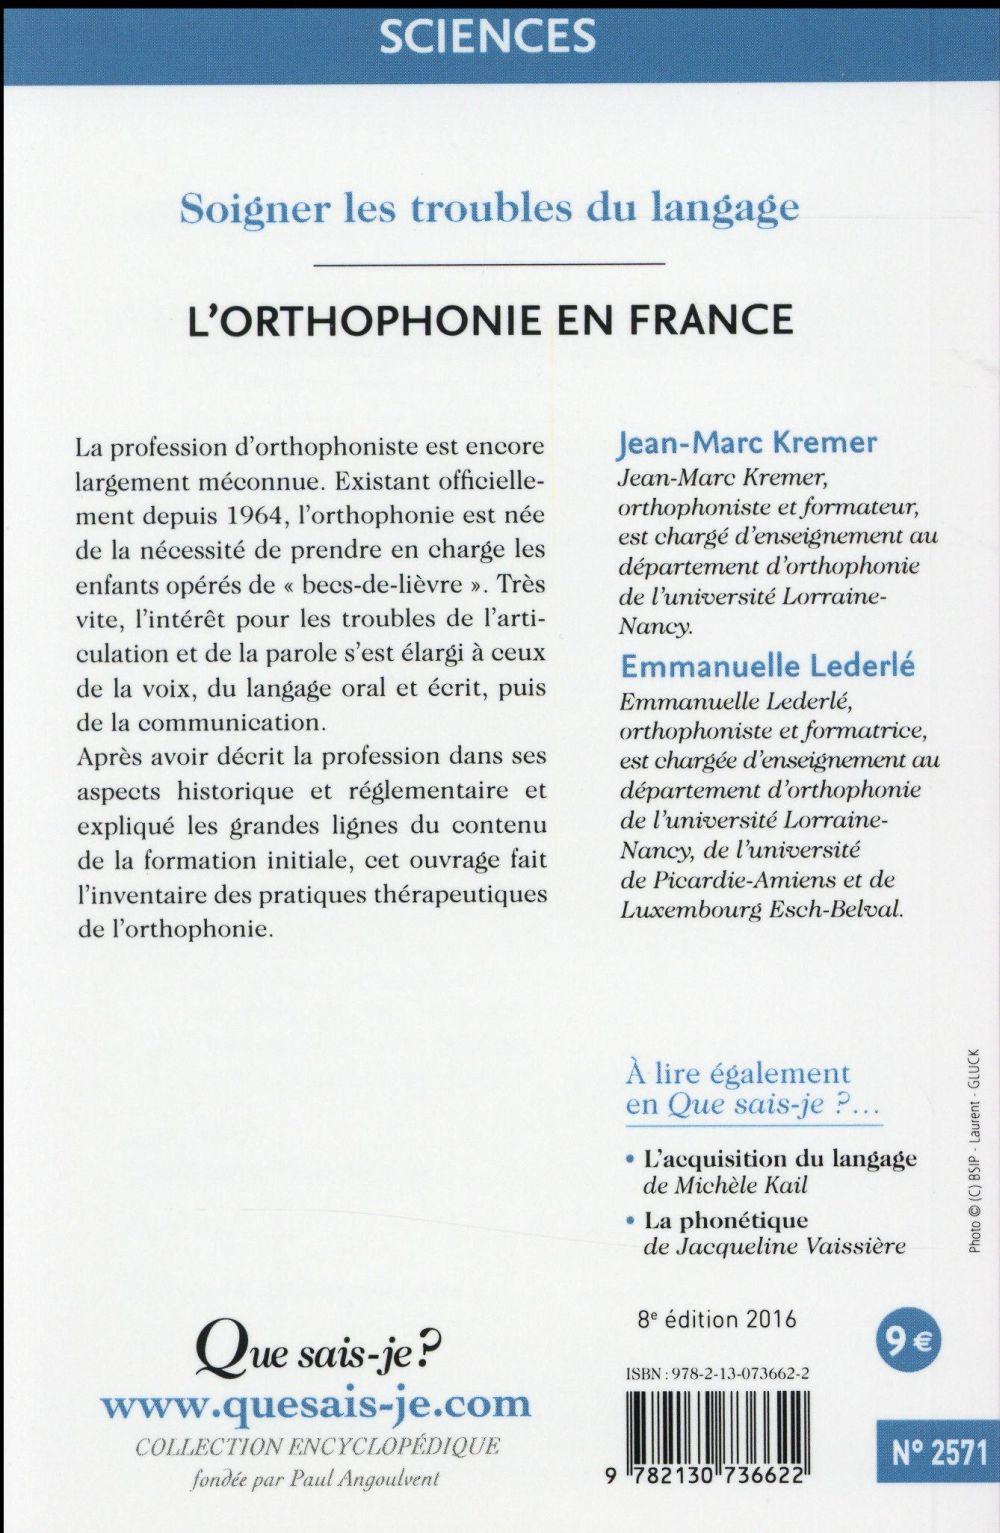 L'orthophonie en France (8e édition)